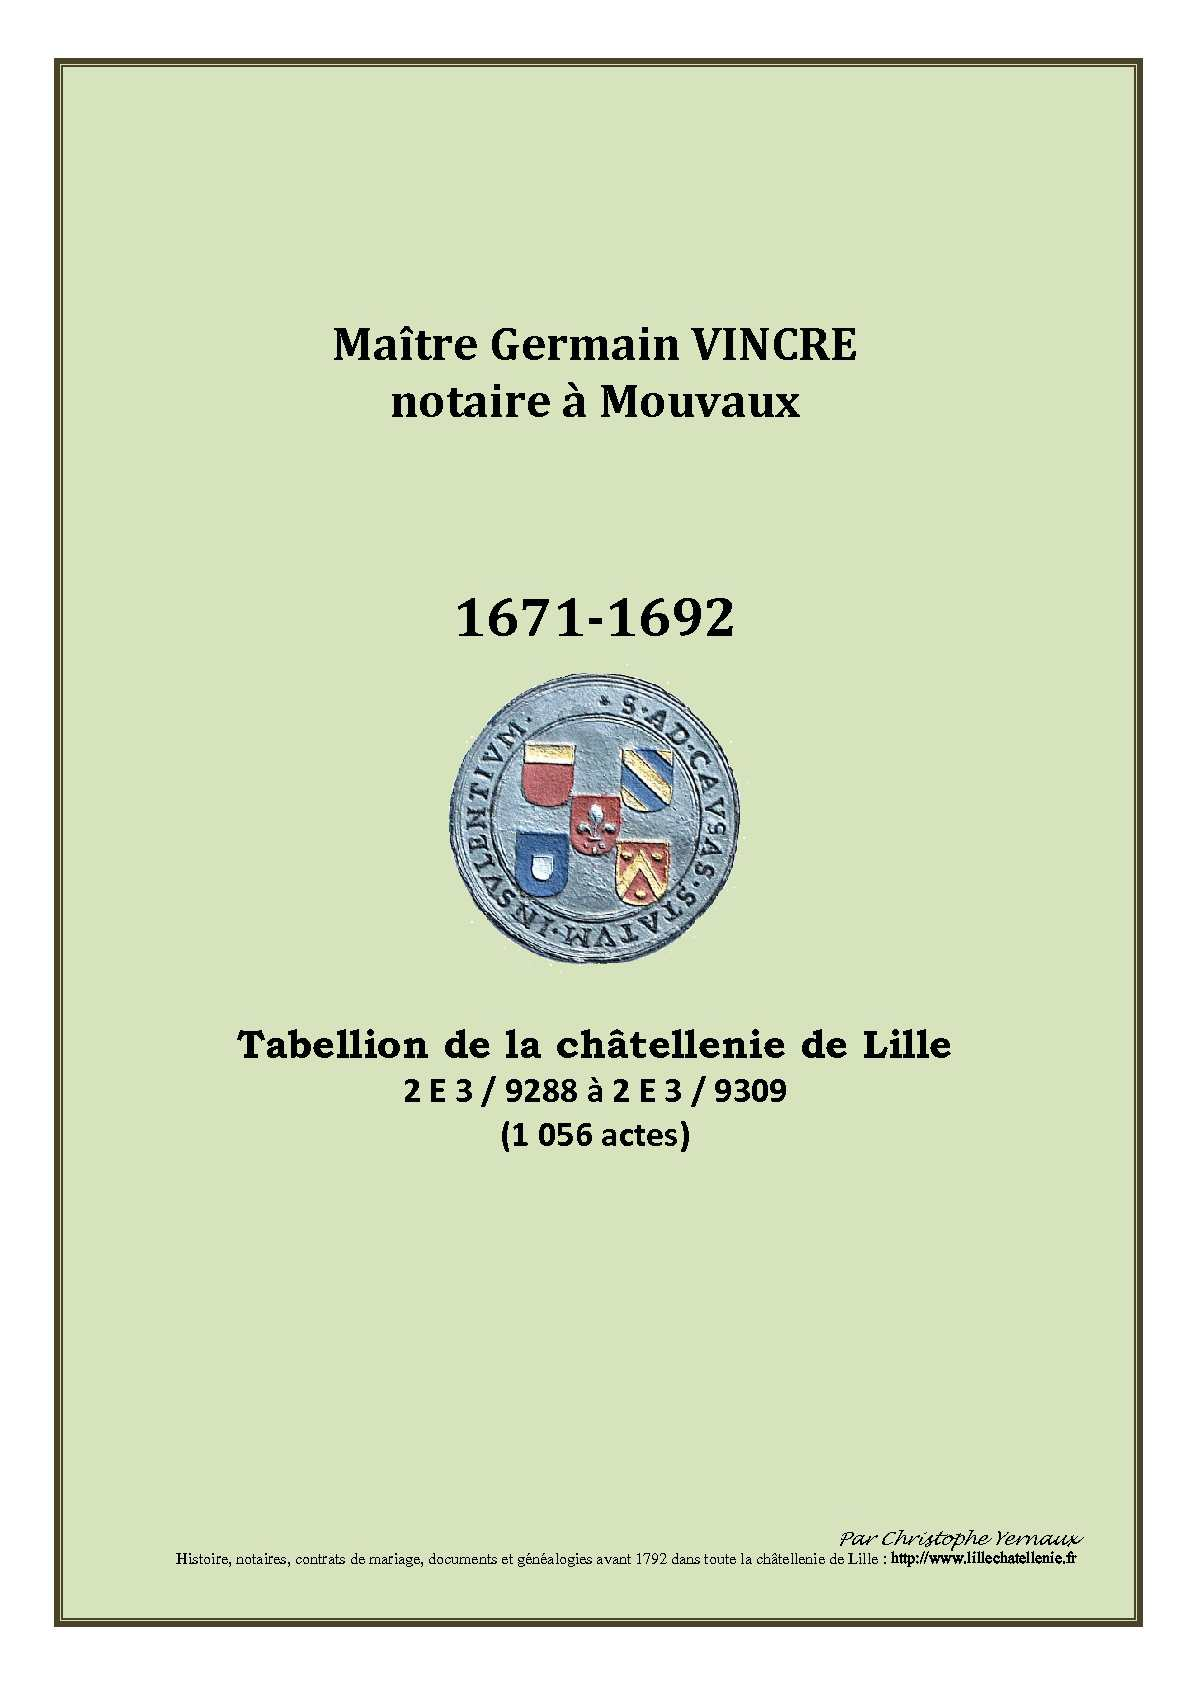 NOTARIAT - Vincre G. 1671-1692 Mouvaux